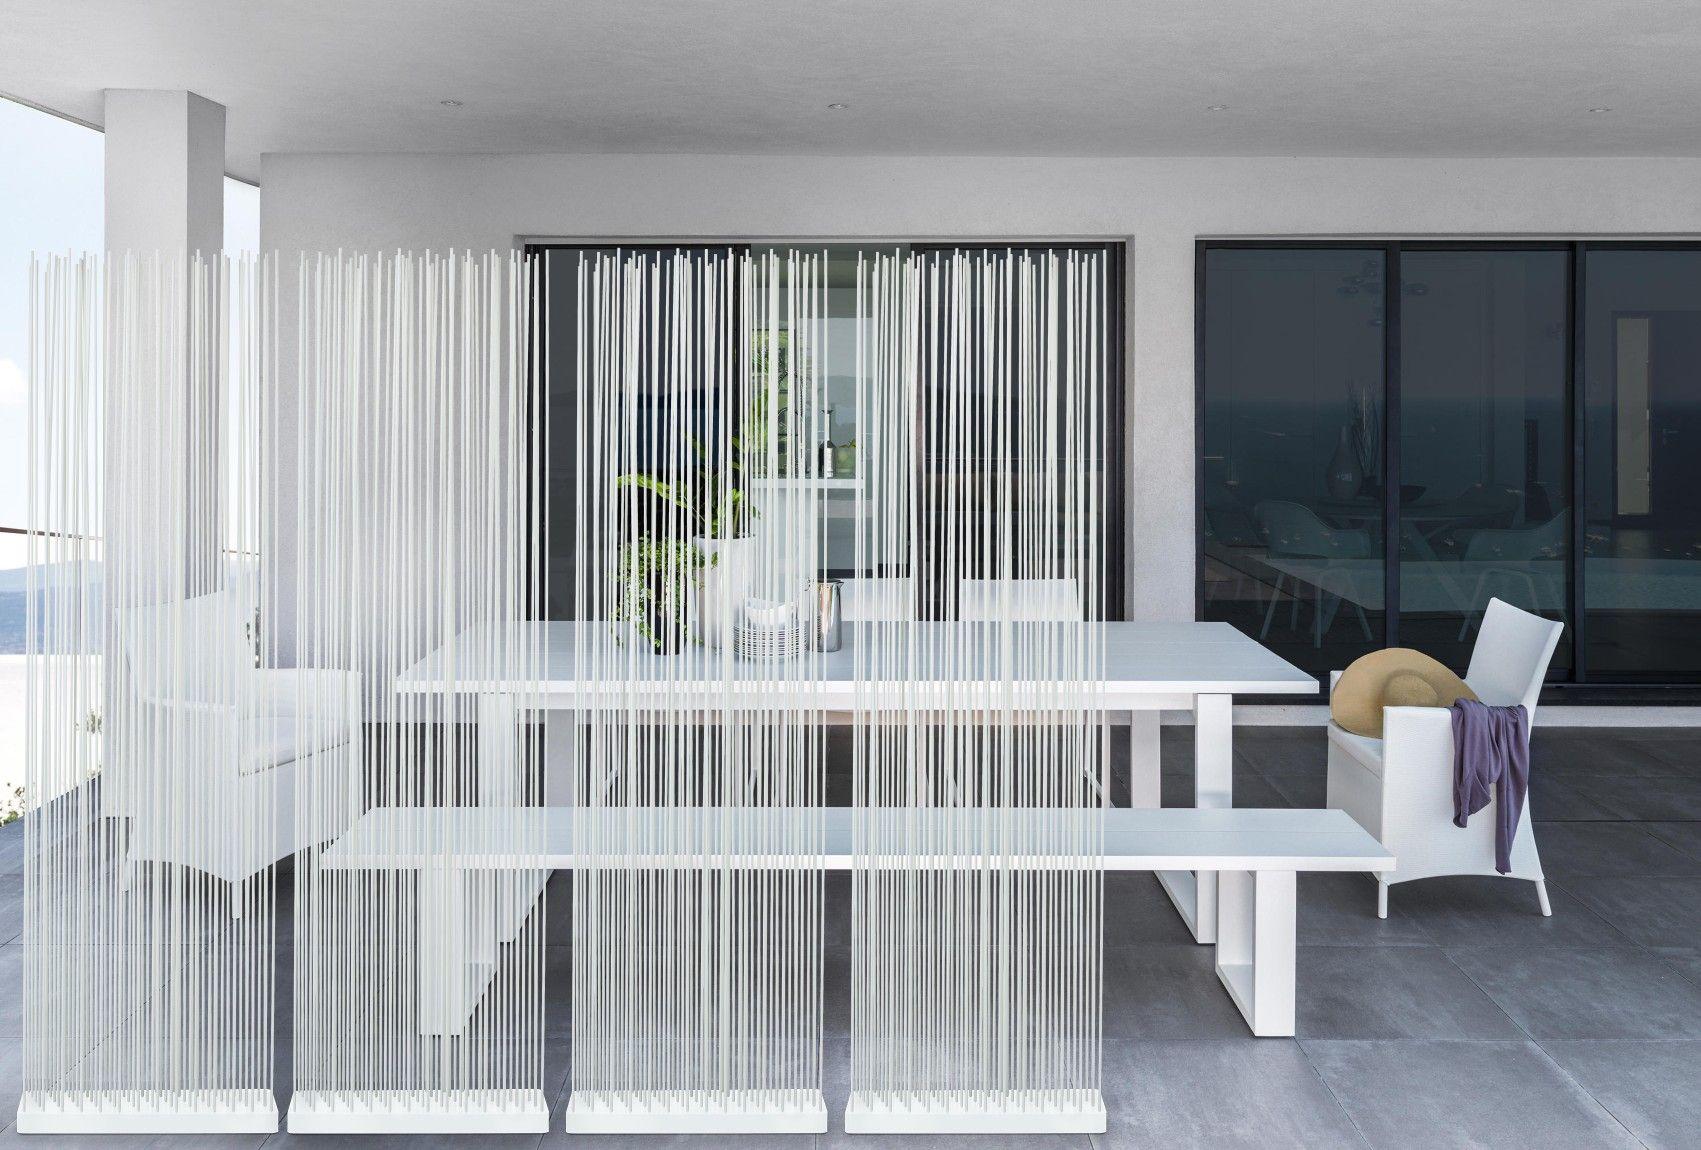 Full Size of Paravent Terrasse Sichtschutz Raumteiler Raumtrenner Fr Garten Wohnzimmer Paravent Terrasse